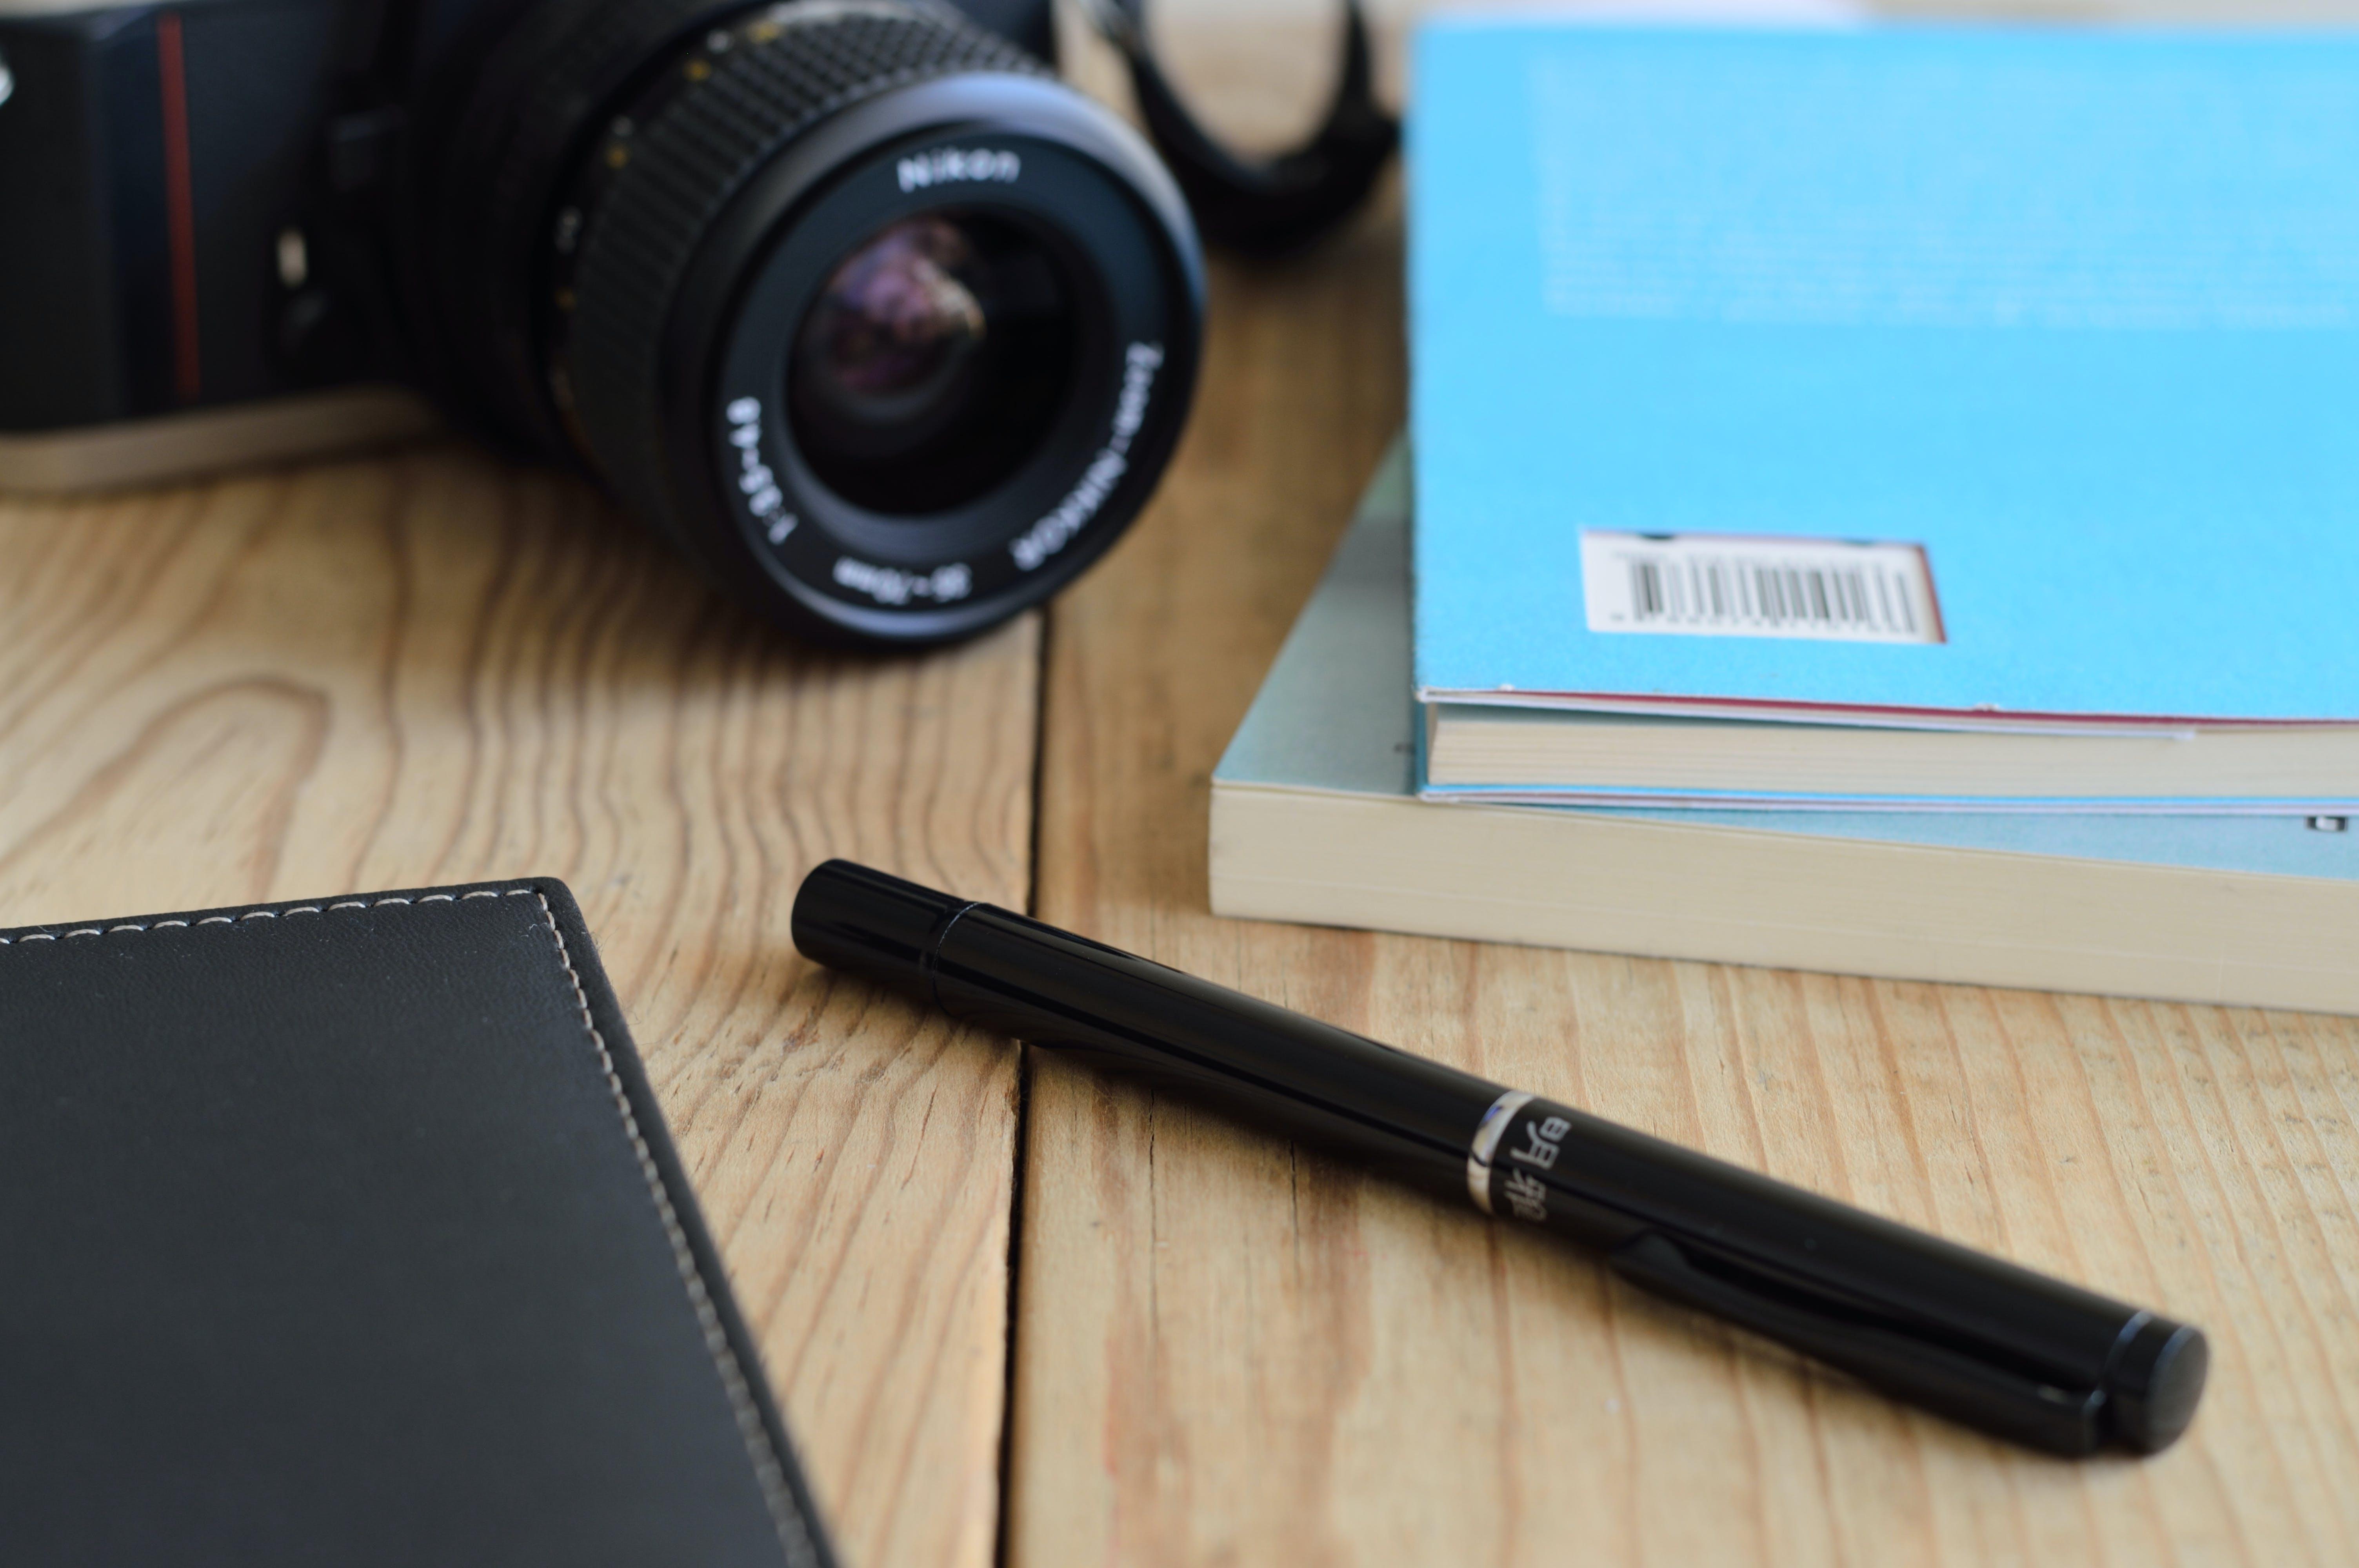 Imagine de stoc gratuită din adâncime de câmp, aparat de fotografiat, birou, electronice